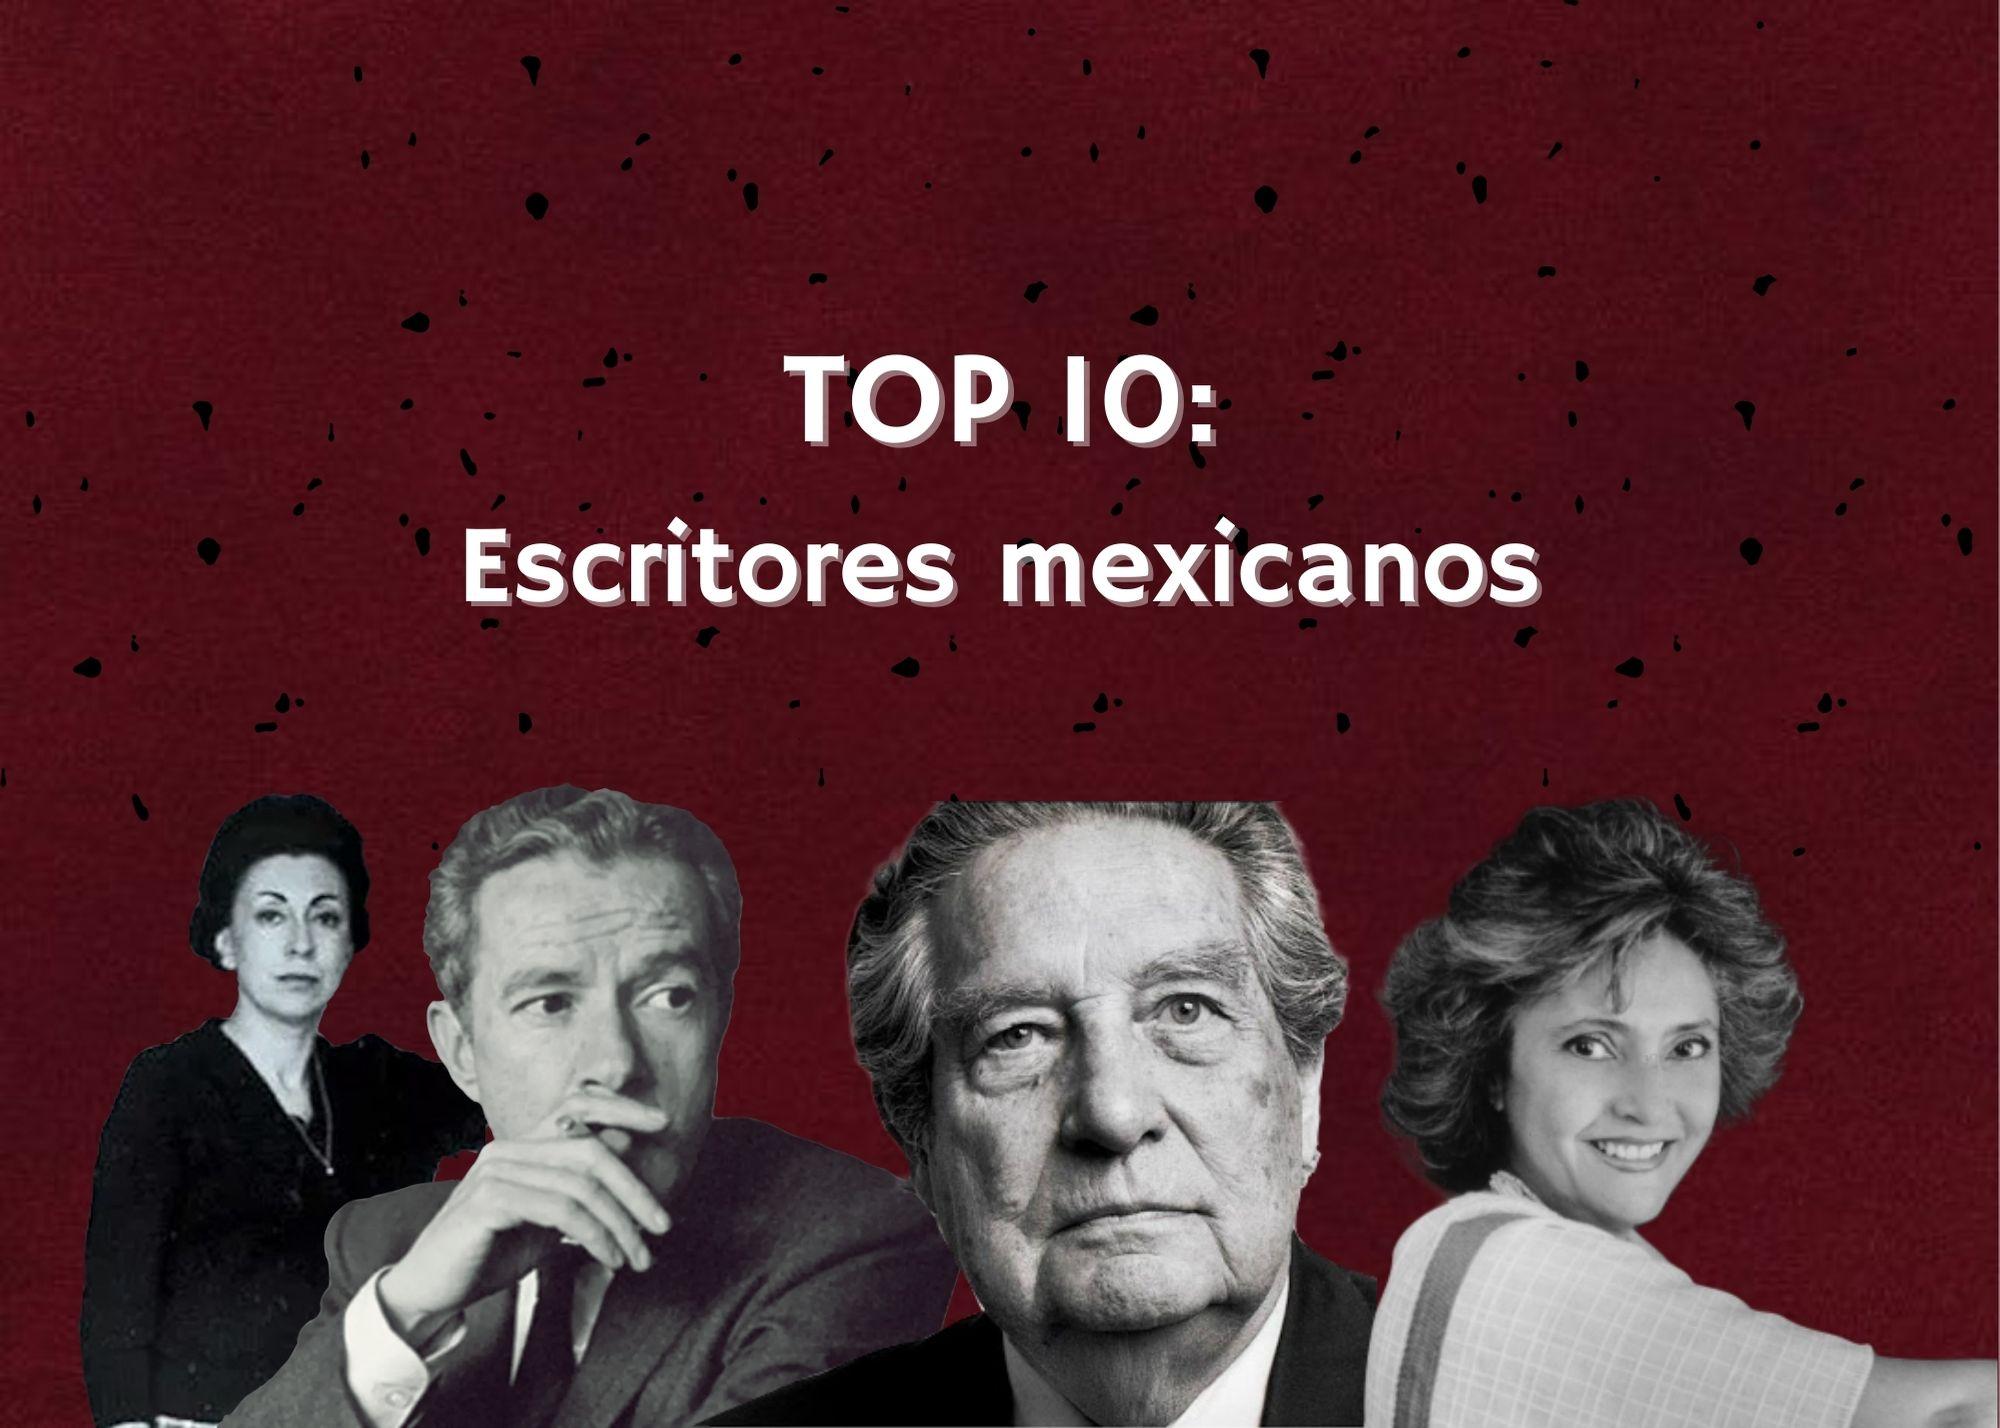 Los mejores escritores mexicanos de todos los tiempos